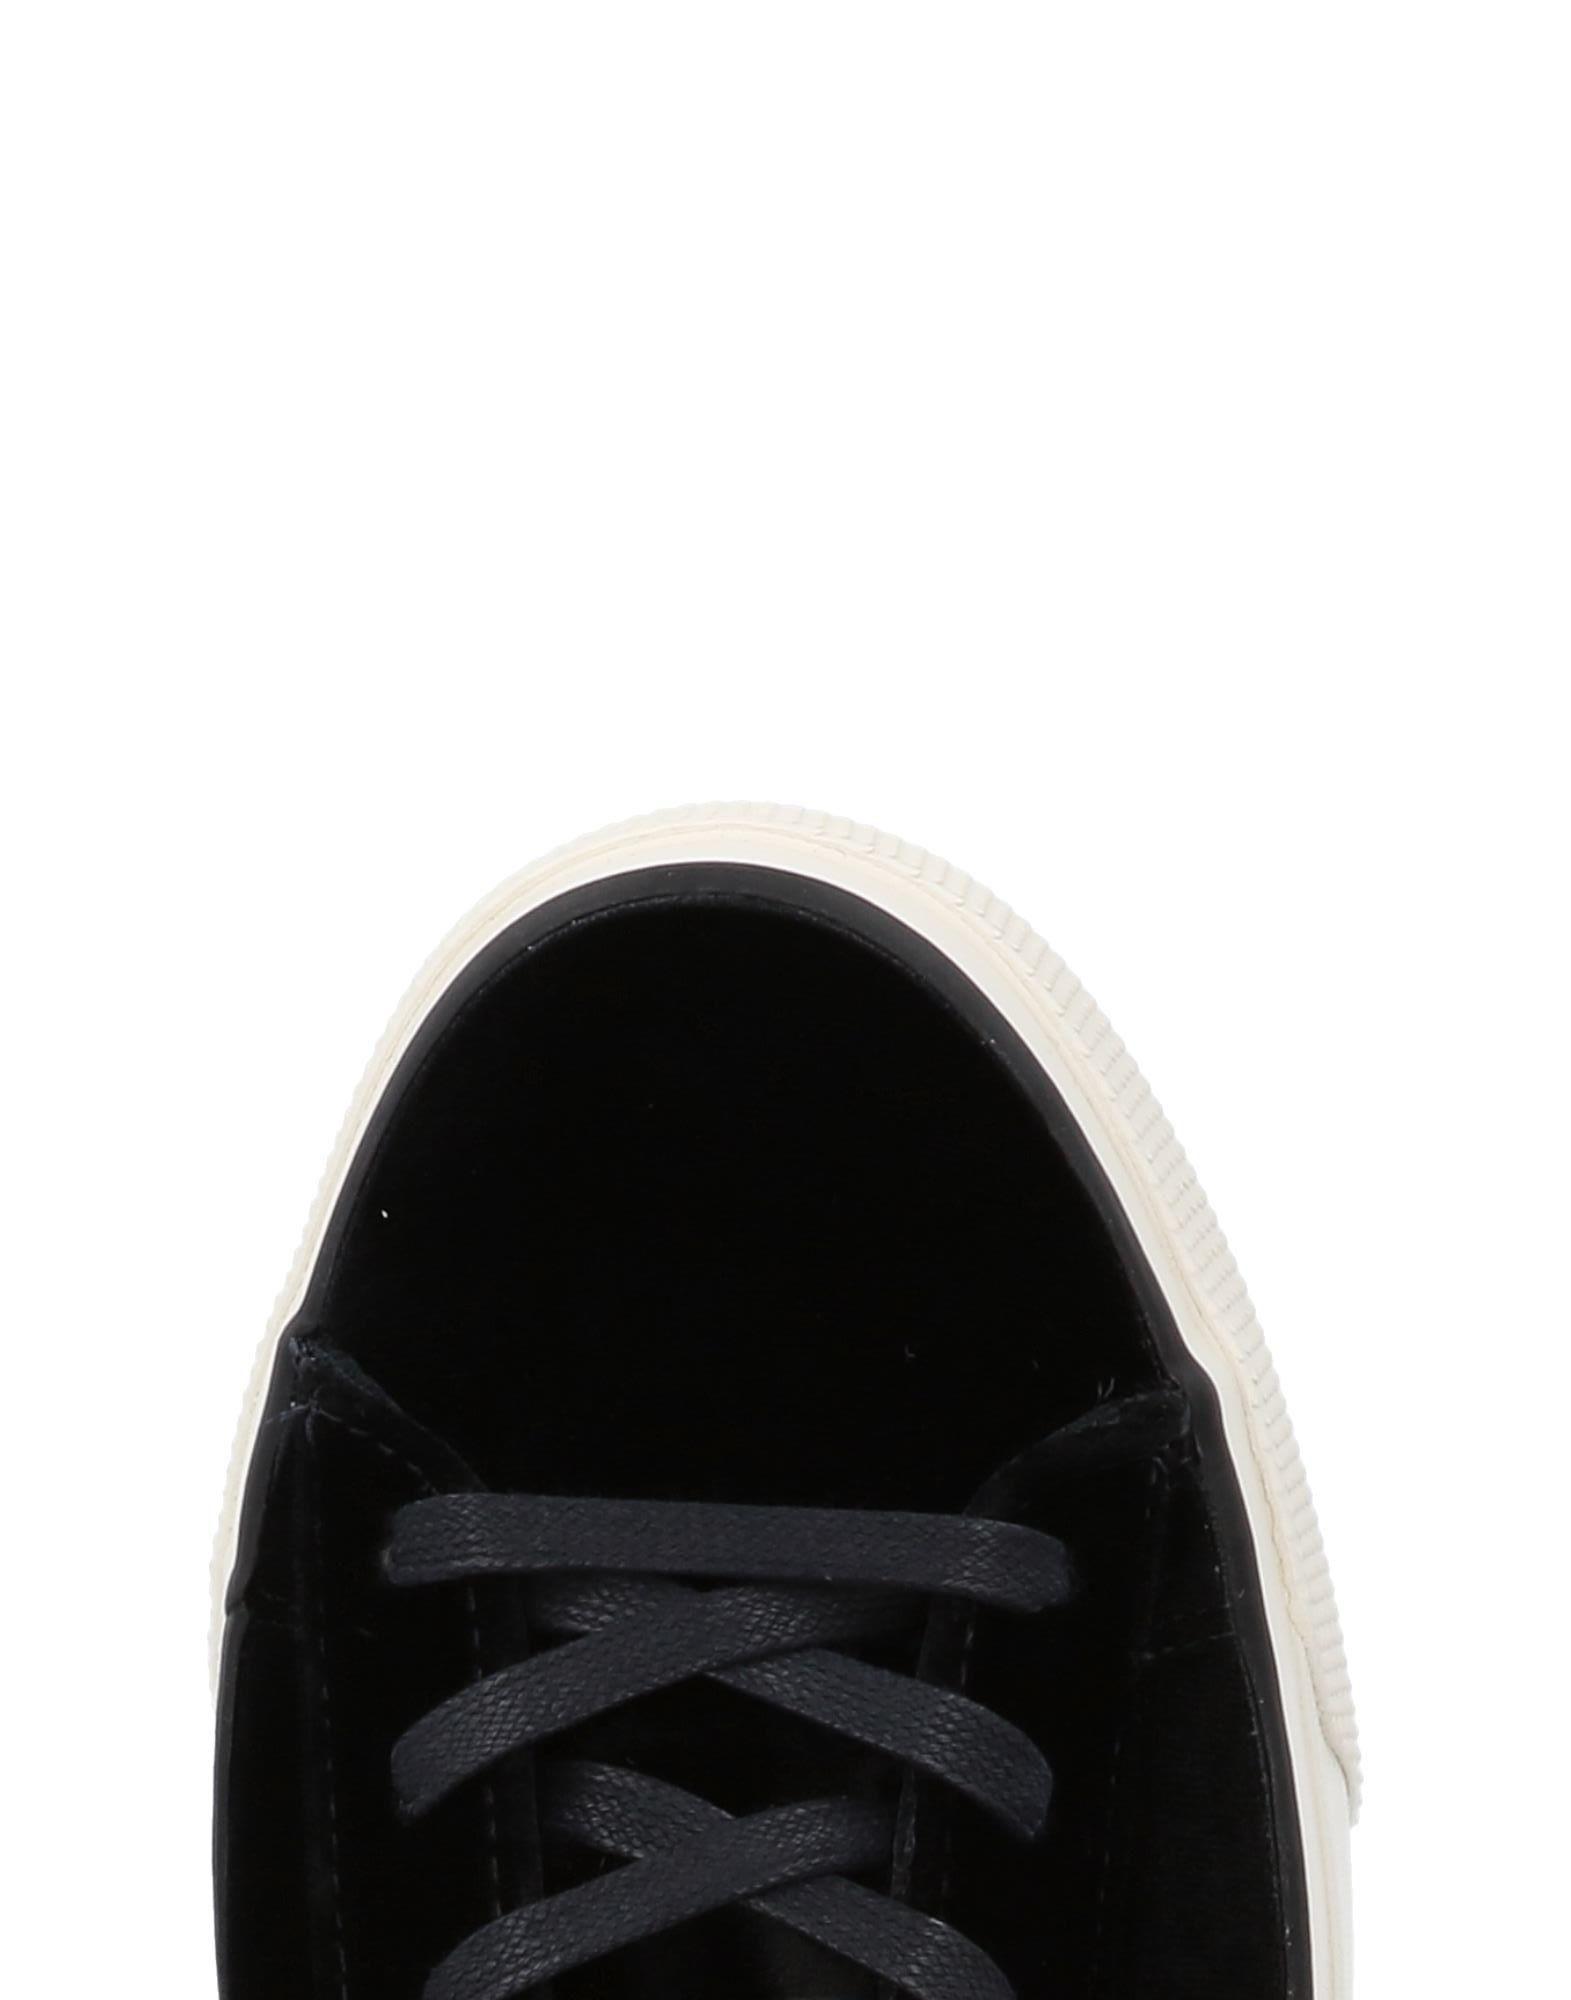 Converse Sneakers Damen  Schuhe 11493568IG Gute Qualität beliebte Schuhe  a7a91c